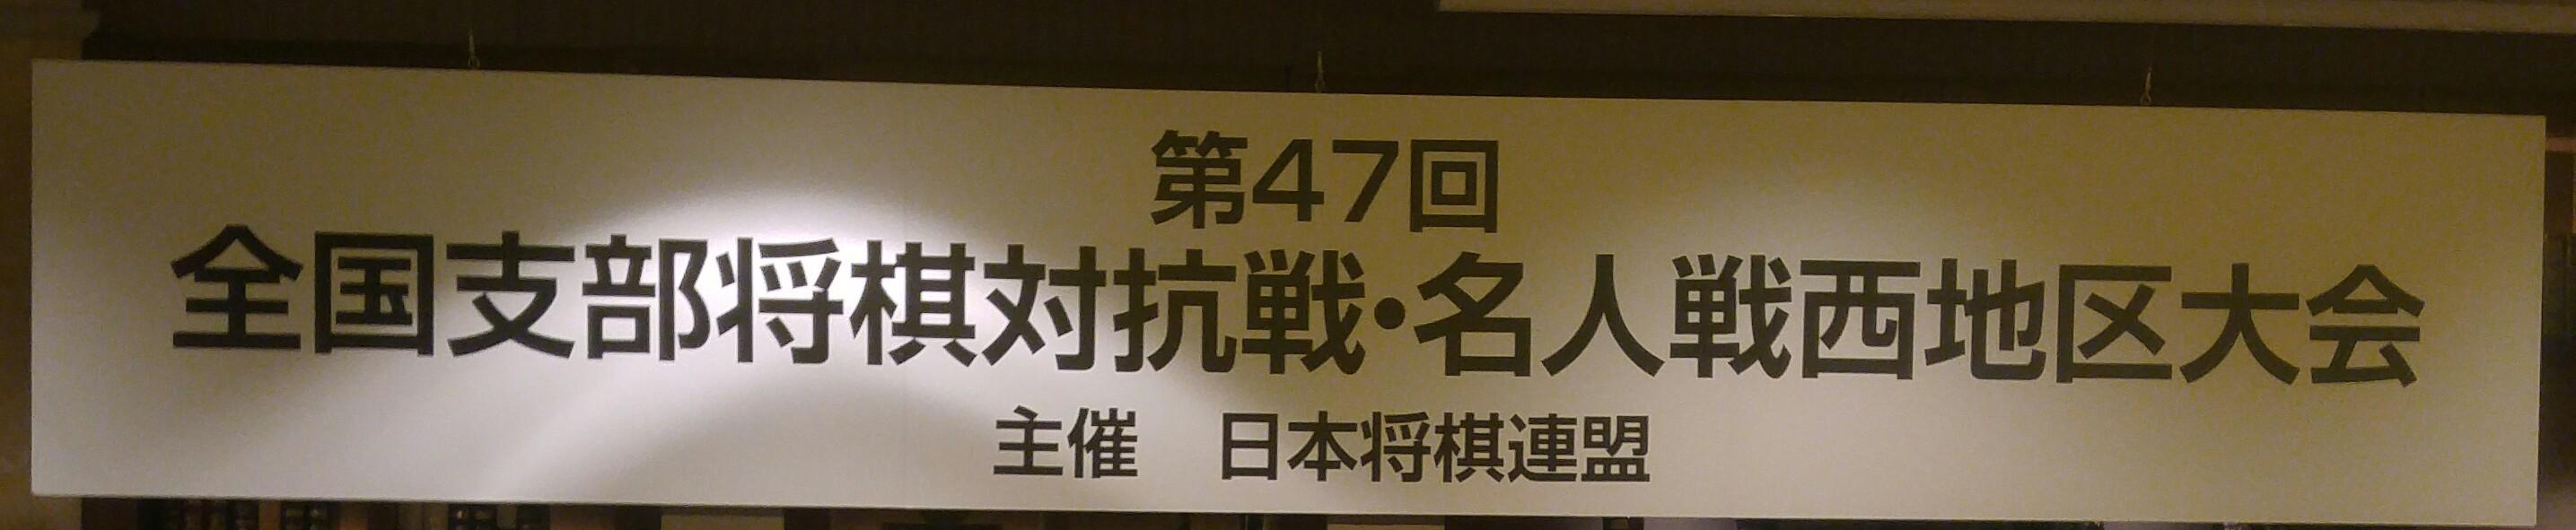 第47回支部名人戦西地区大会の出場記